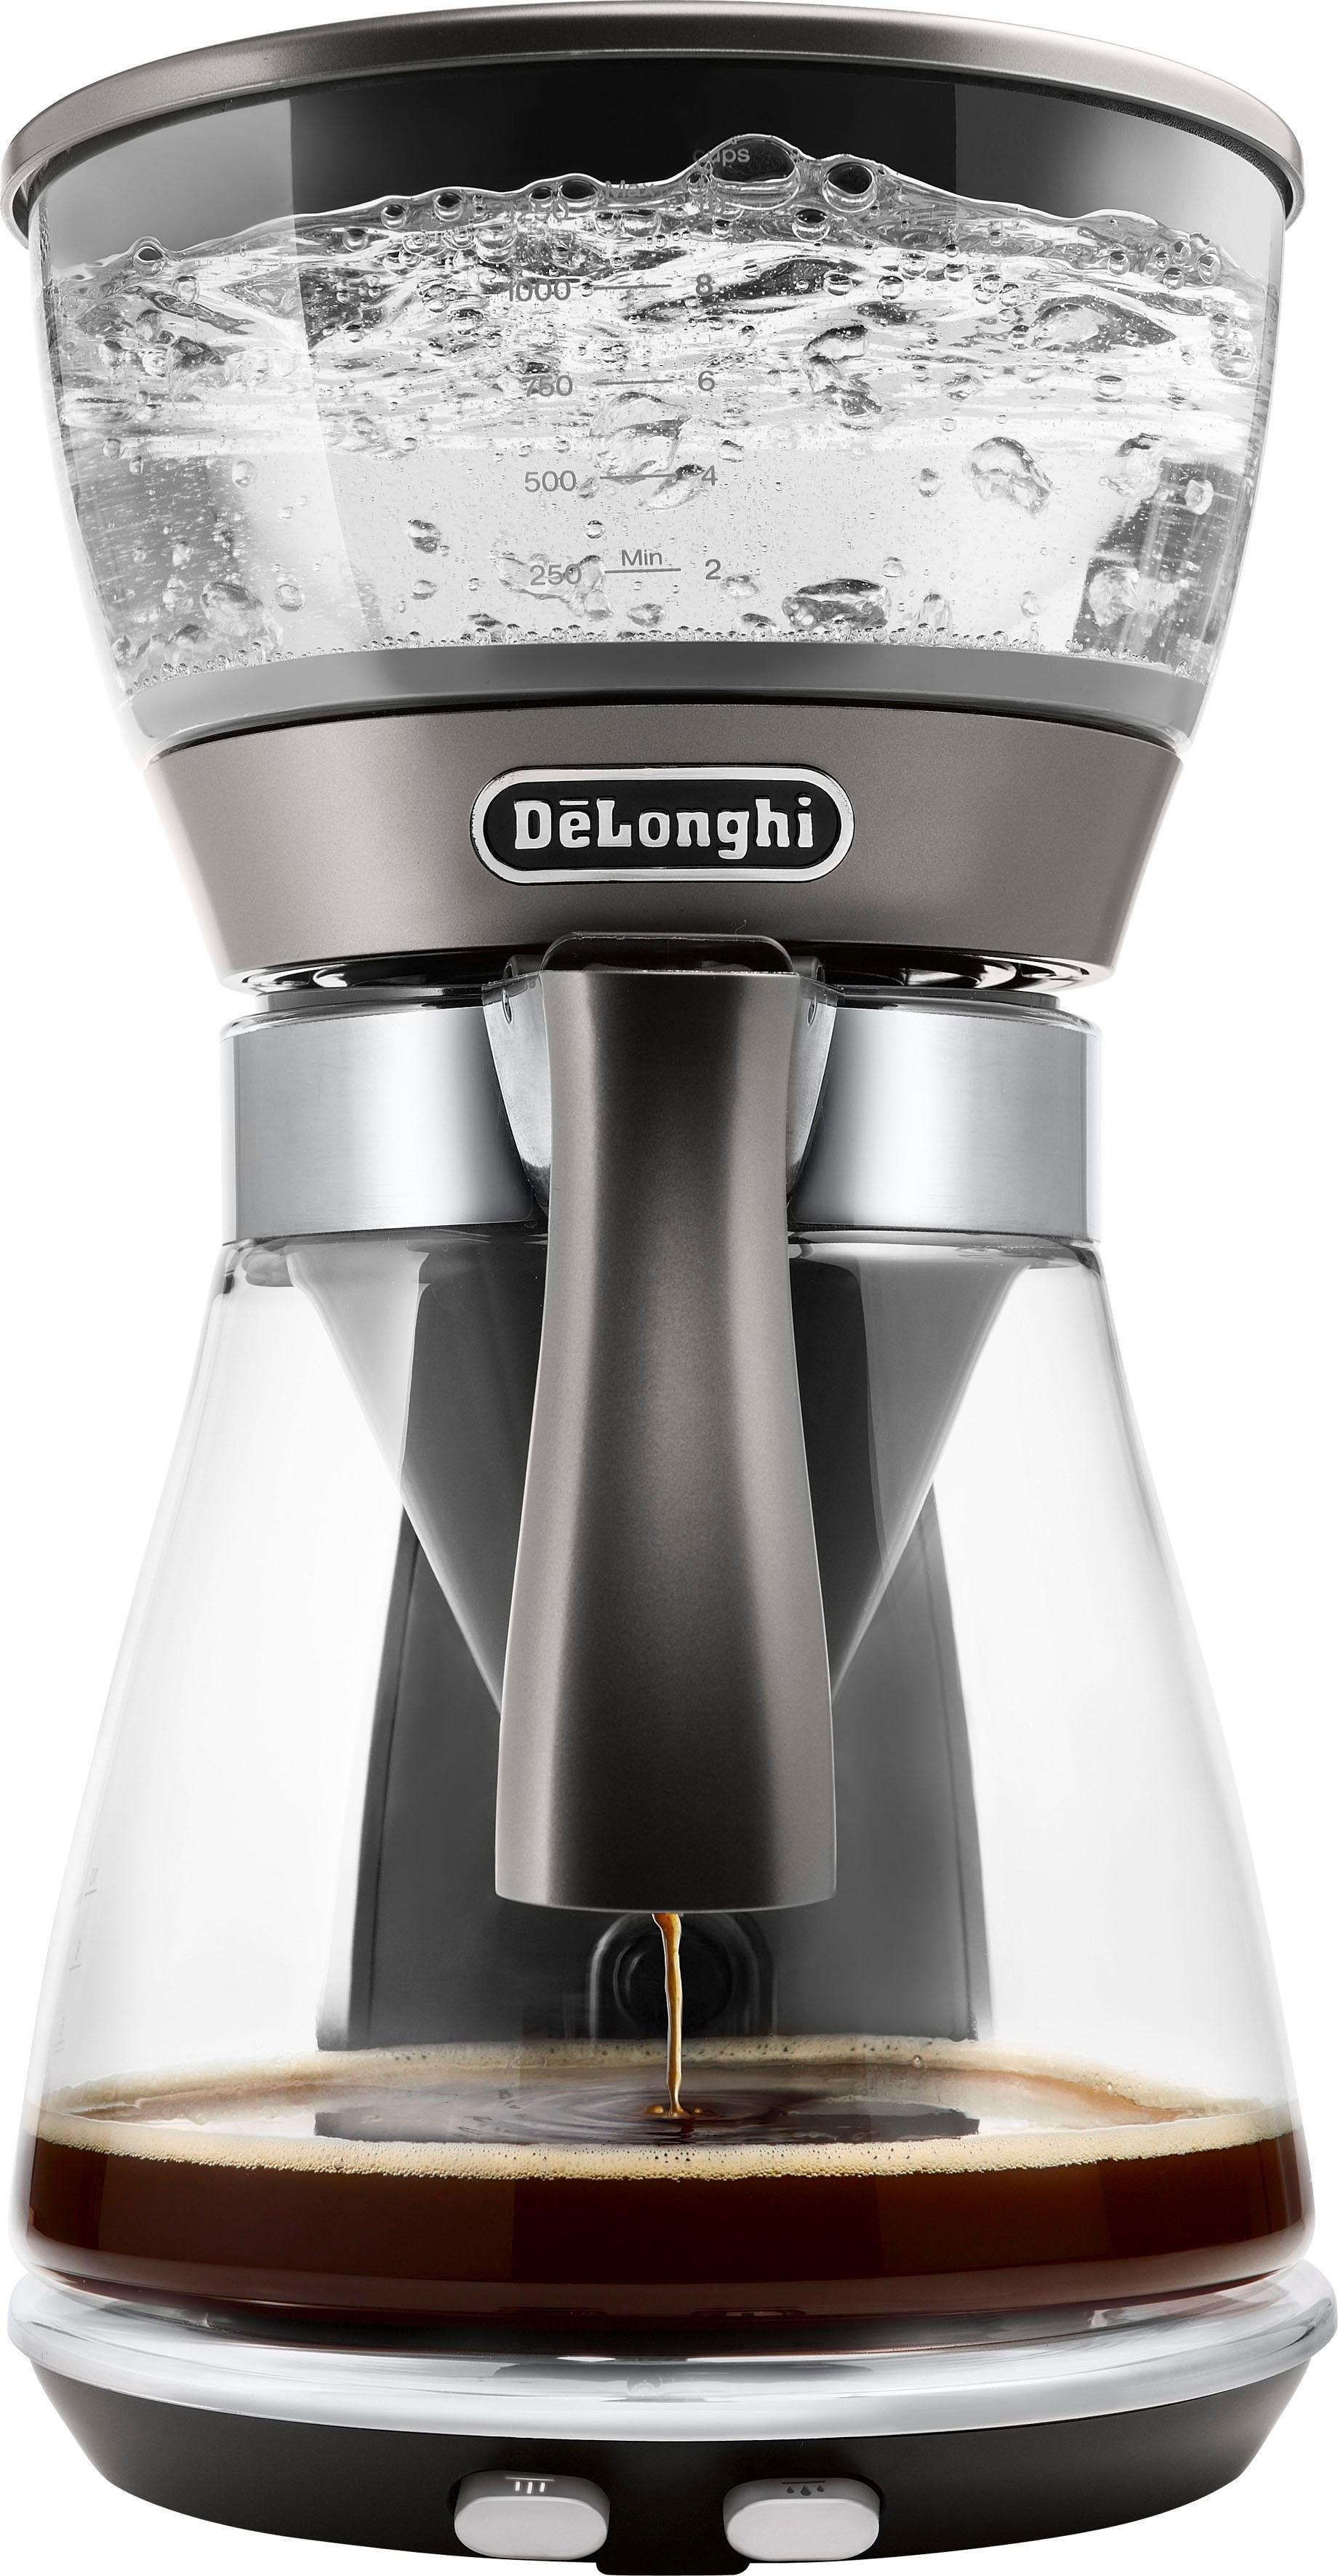 De'Longhi filterkoffieapparaat Clessidra ICM 17210, 1,25 l, volgens gecertificeerde ecbe-norm - gratis ruilen op otto.nl